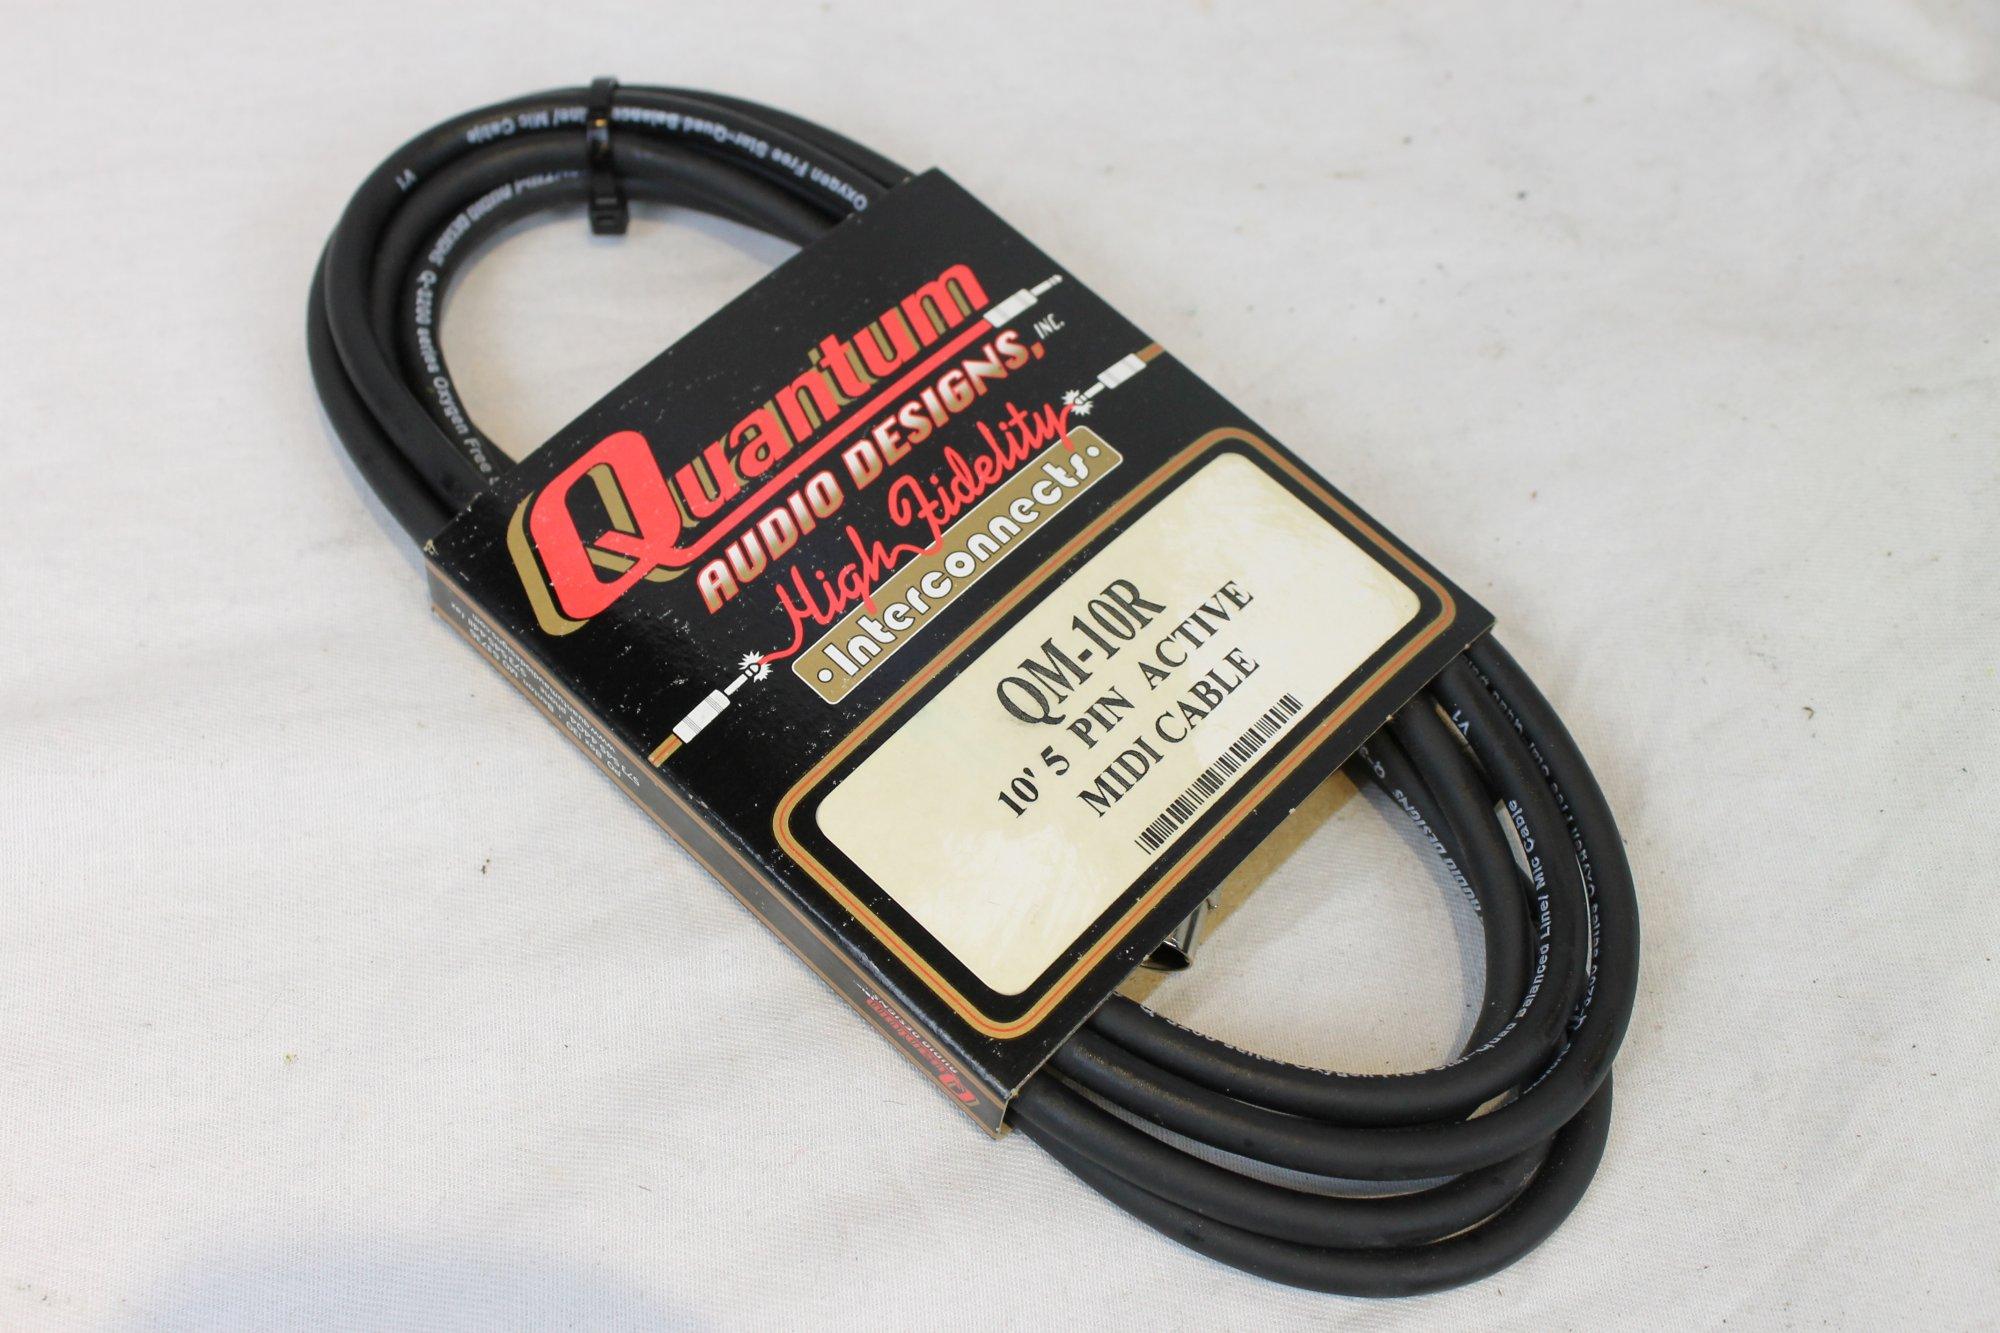 NEW Quantum Audio Designs QM-10R 5 Pin Active Midi Cable 10 Feet